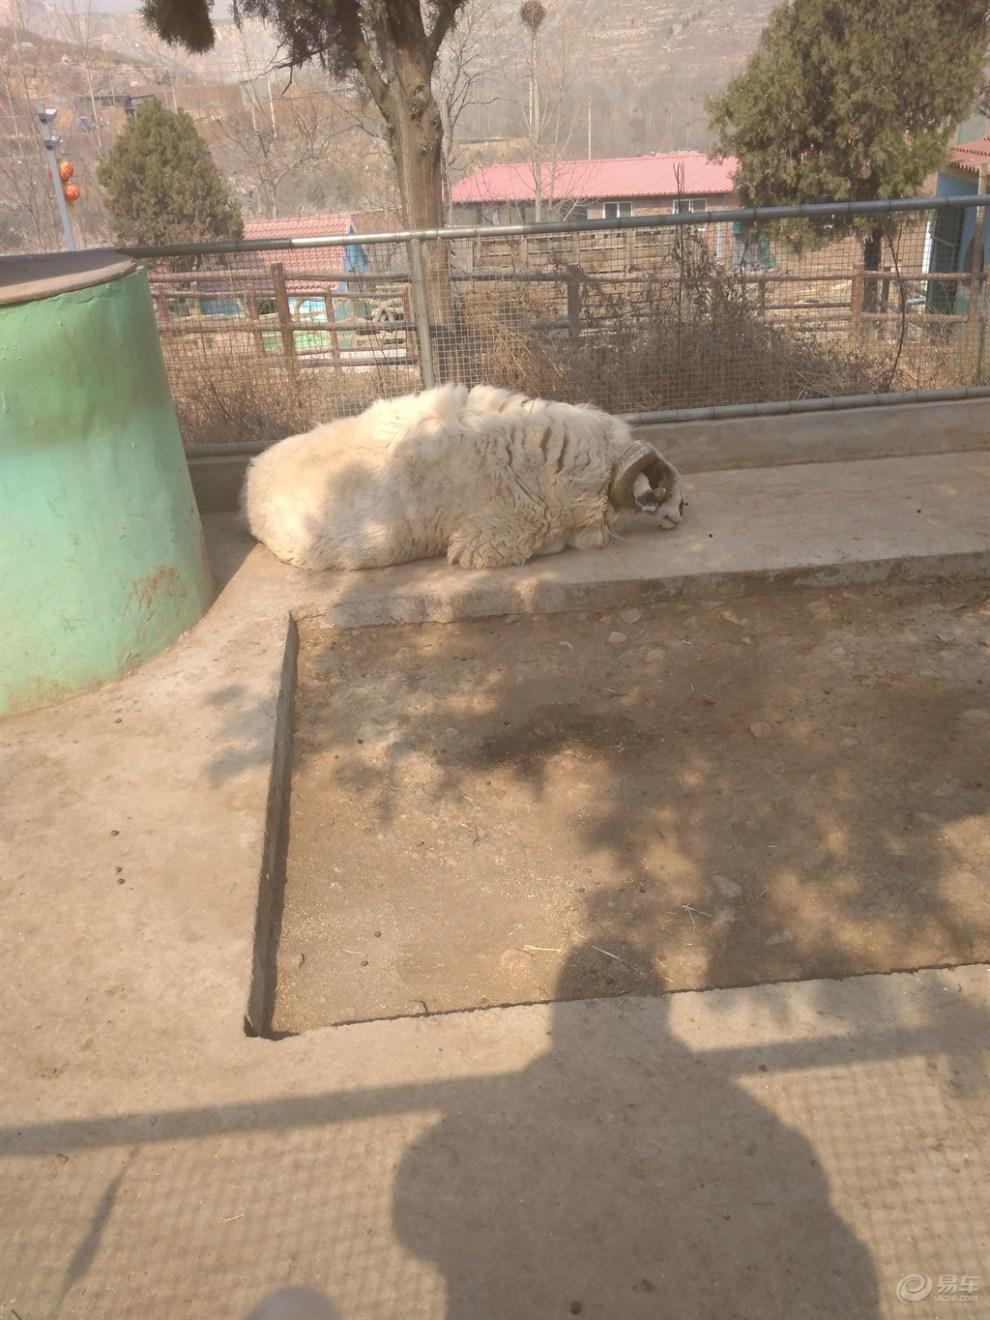 【五龙山野生动物园攻略值得一去】_河南游记杭州到下渚湖自驾游v攻略论坛图片